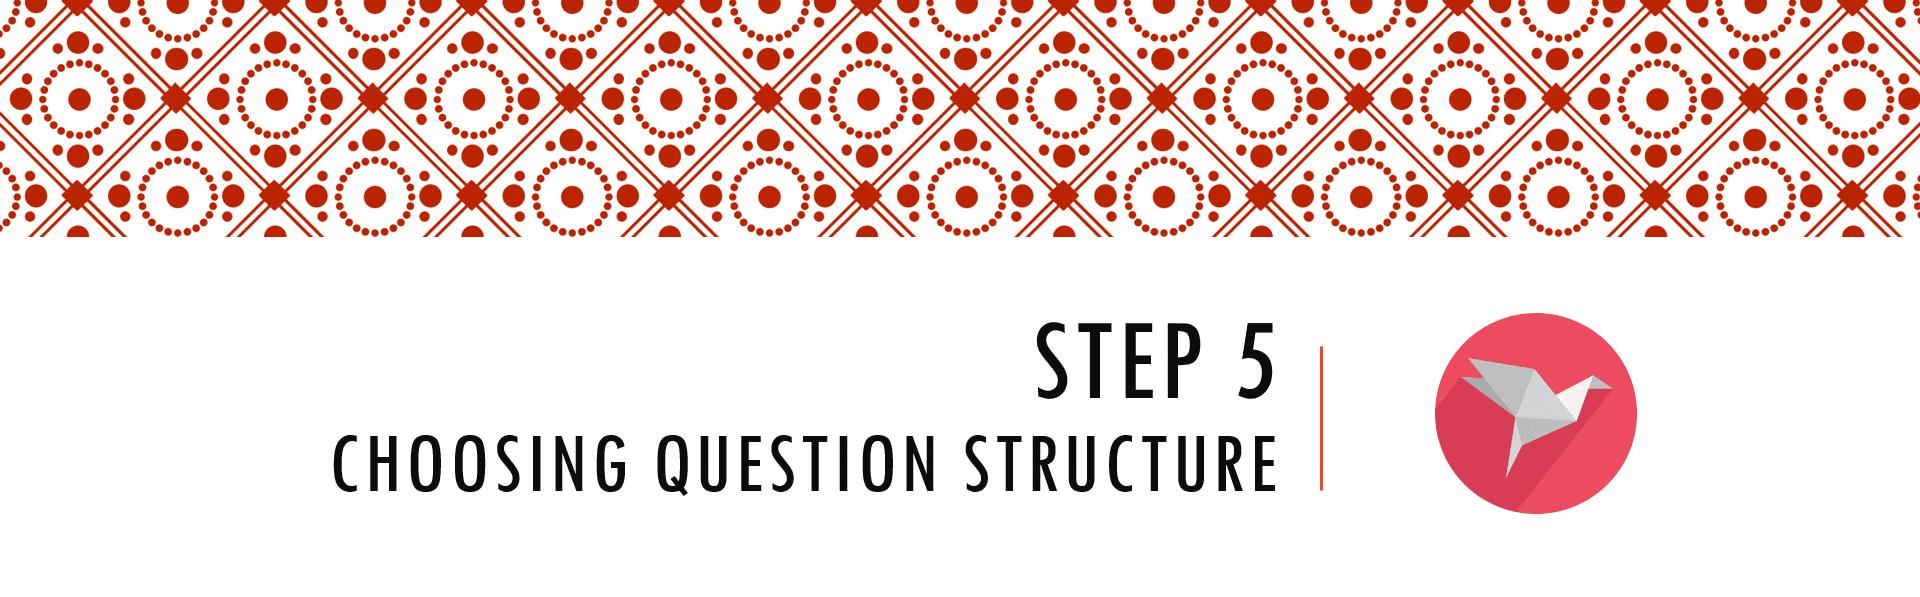 Questionnaire Design Process Step 5 - Choosing Questionnaire Structure